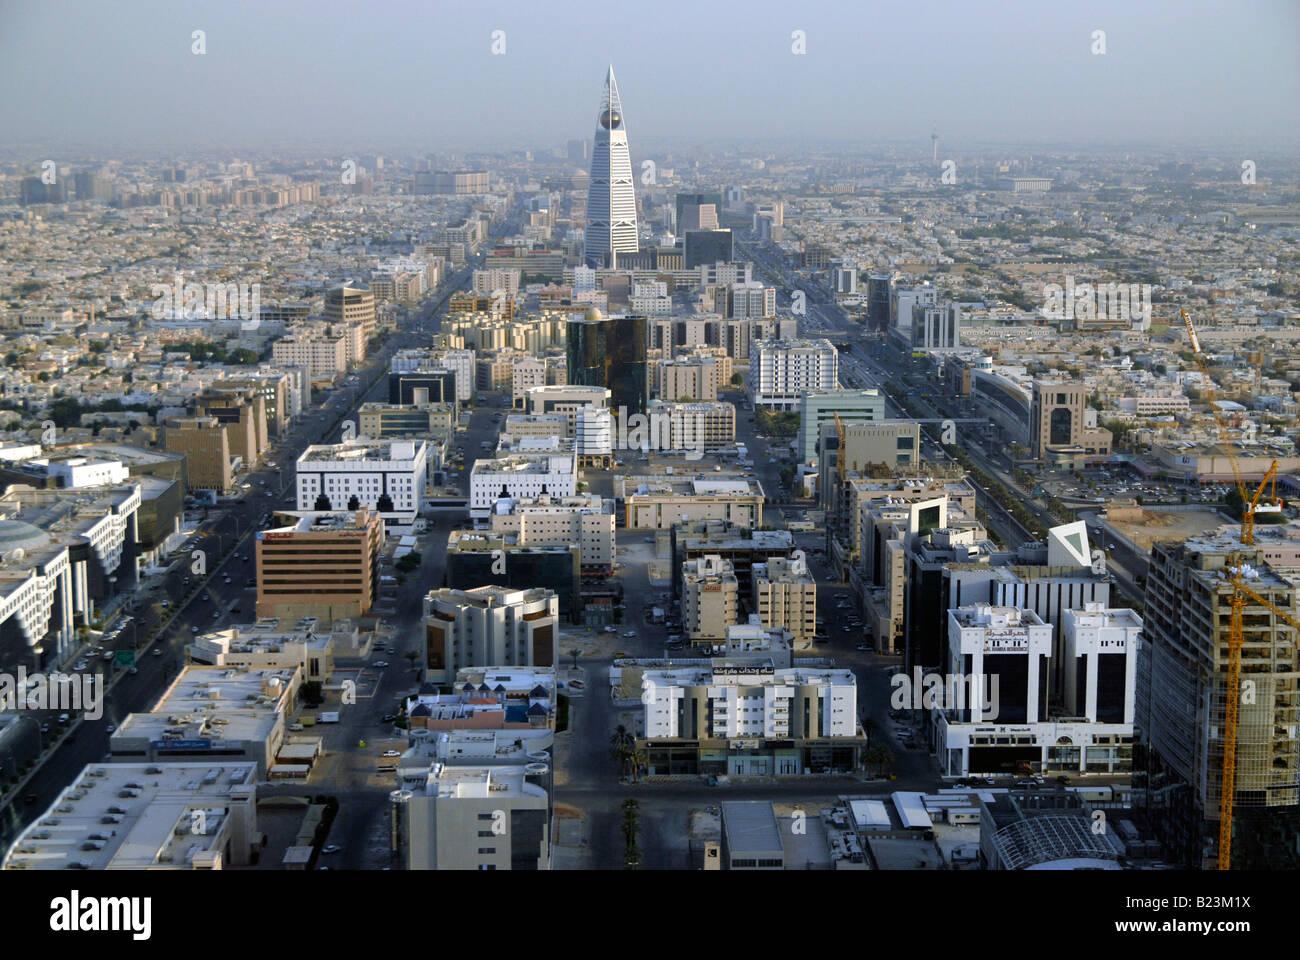 Vista su Riyadh con Al Faisaliah torre che domina lo skyline, Arabia Saudita Immagini Stock